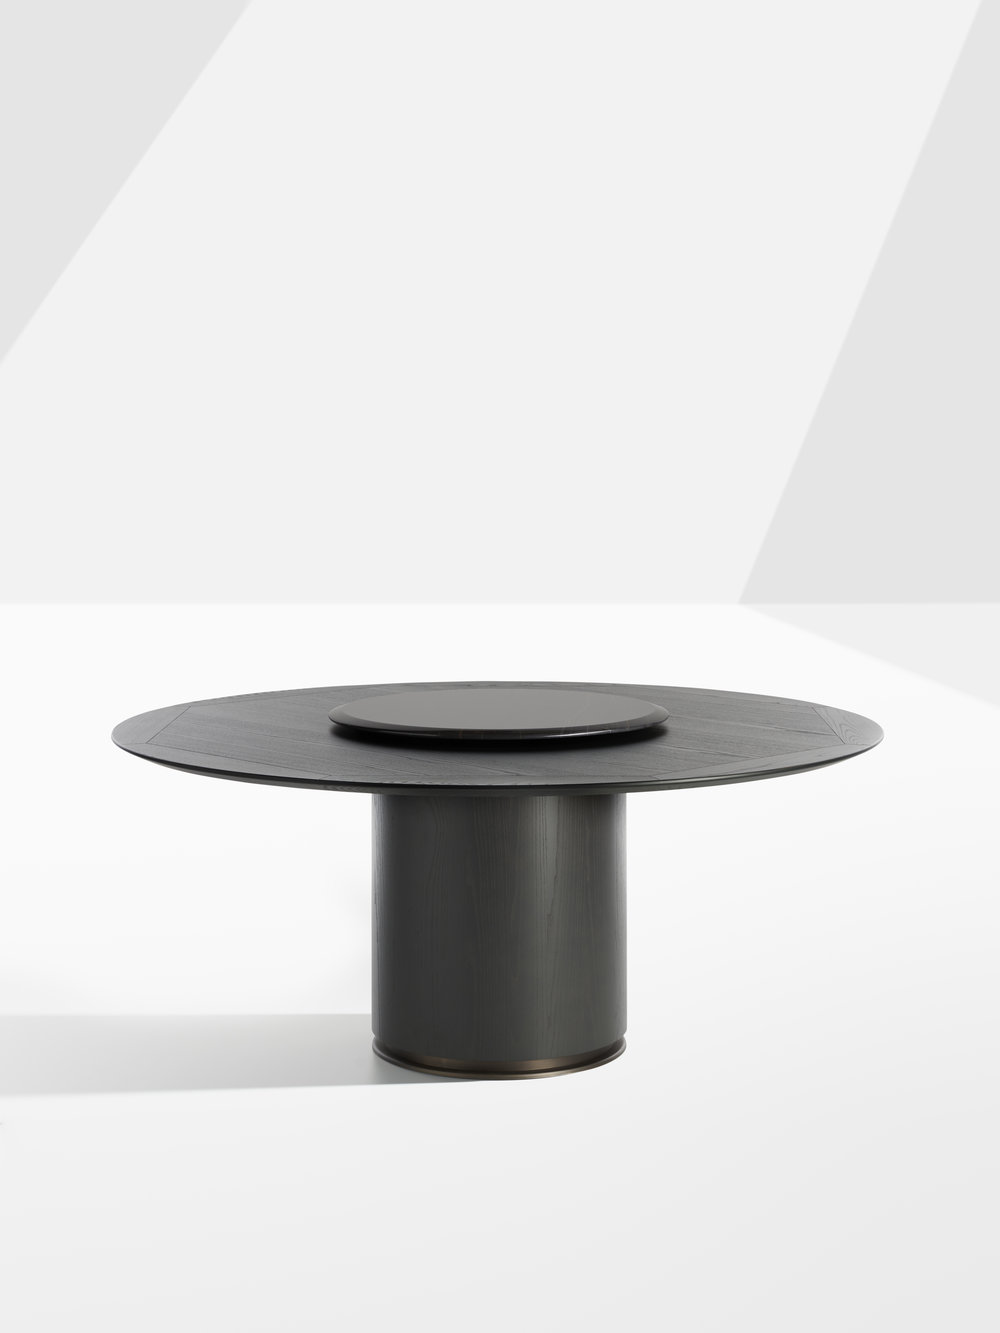 Potocco-OTAB-table-Gabriele e Oscar Buratti 01.jpg